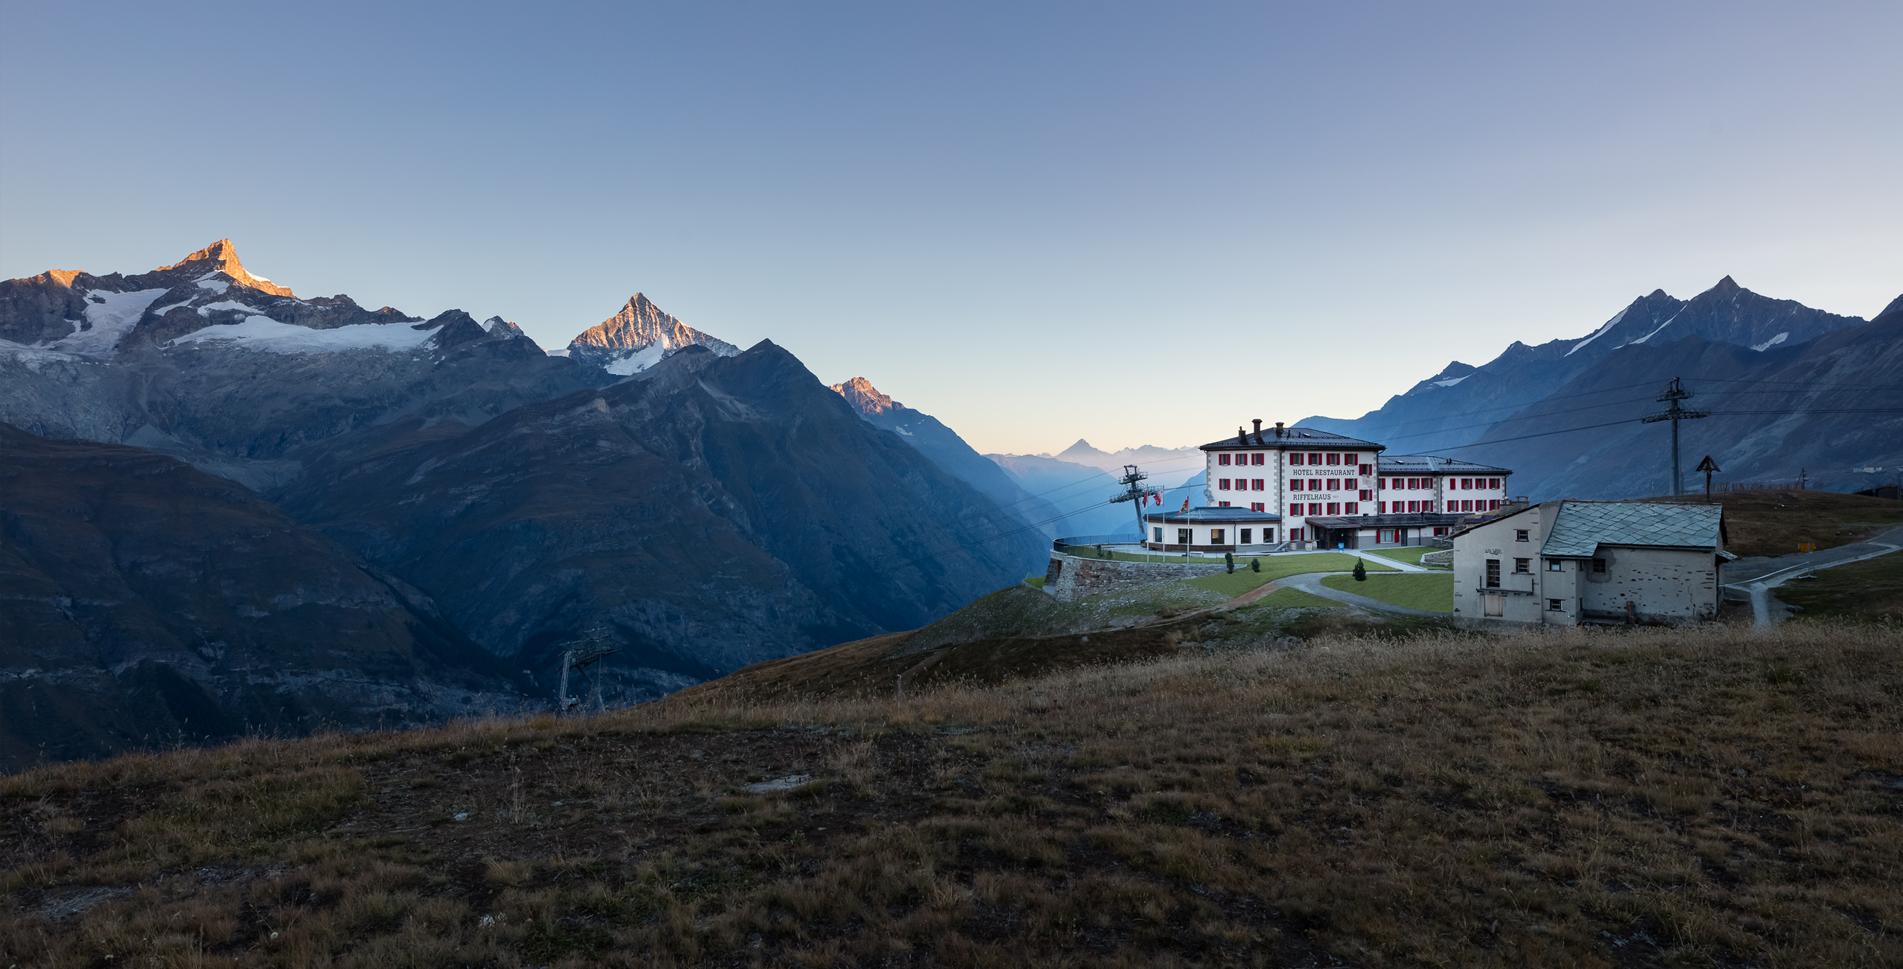 Hotel Riffelhaus 1853, Riffelberg, Zermatt